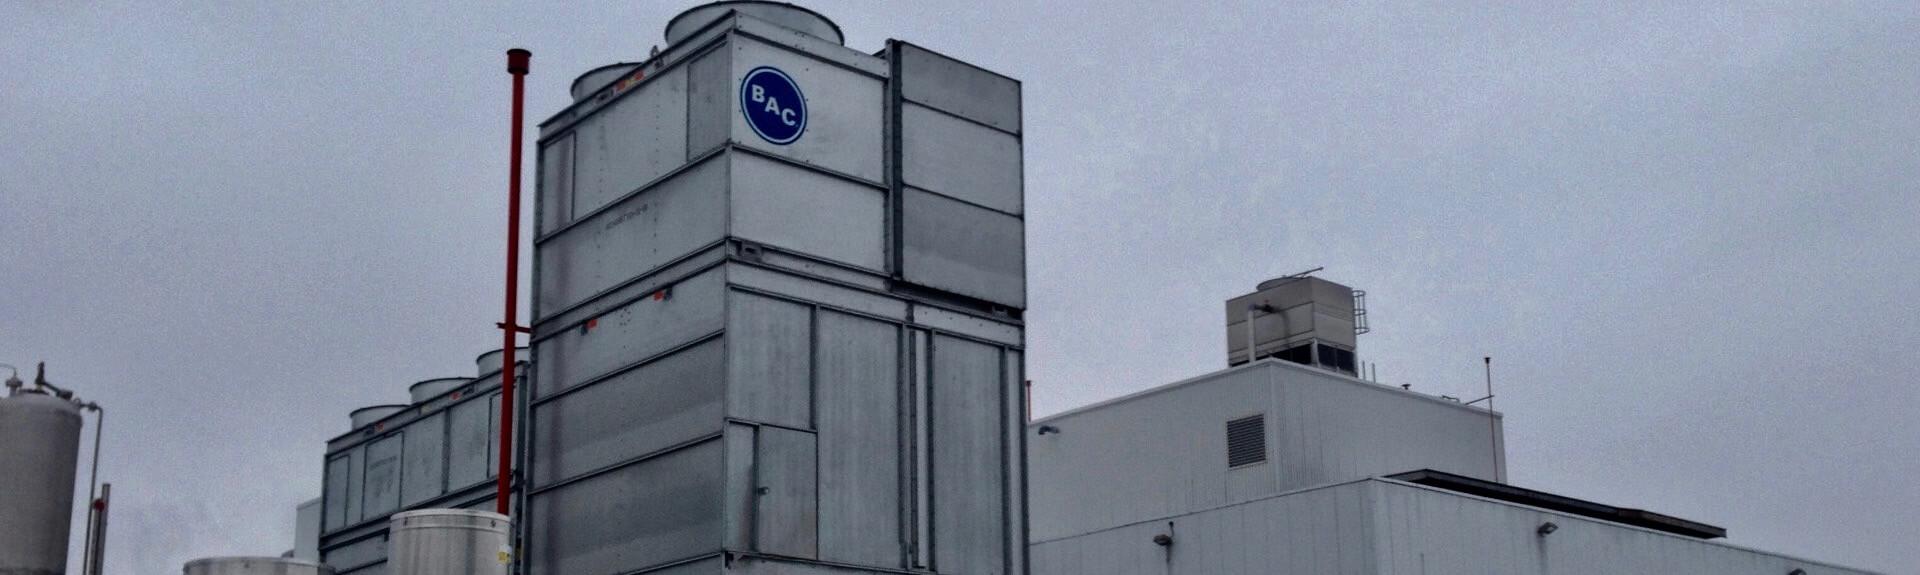 Vue extérieure d'une usine de produits chimiques